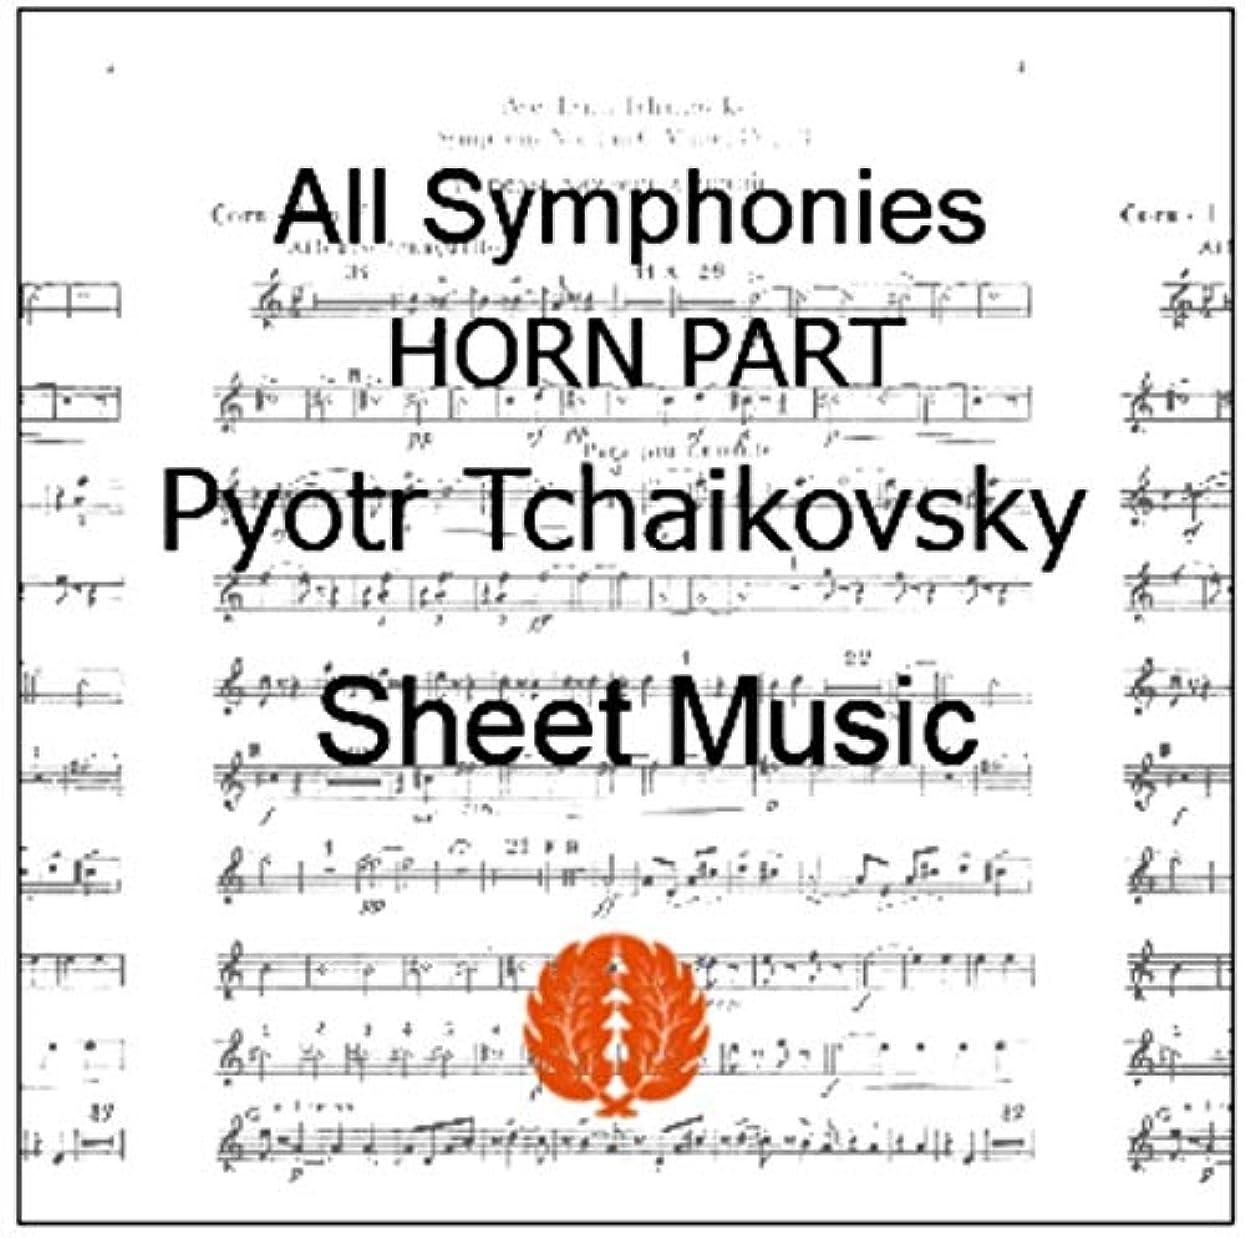 オーストラリア頬共役楽譜 pdf チャイコフスキー 交響曲 全7曲 全楽章 ホルン パート譜セッ